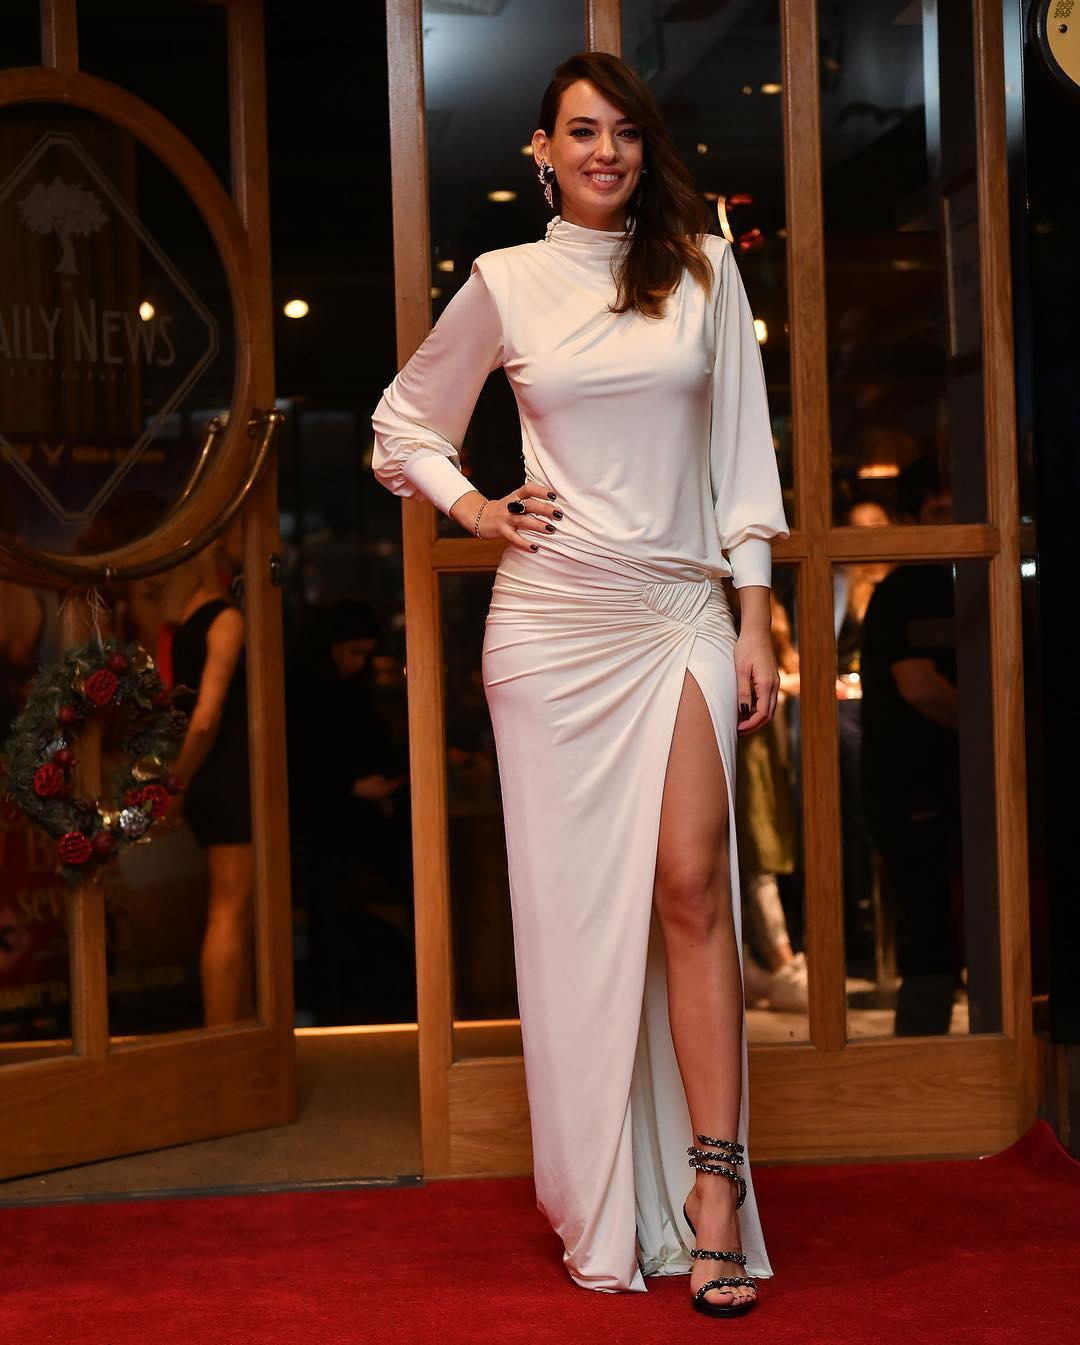 Başarılı Türk oyuncu Seda Bakan katıldığı galaya seksi beyaz yırtmaçlı elbisesi ve güzelliğiyle damga vurdu. HD foto galeriyi görüntülemek için tıklayın.